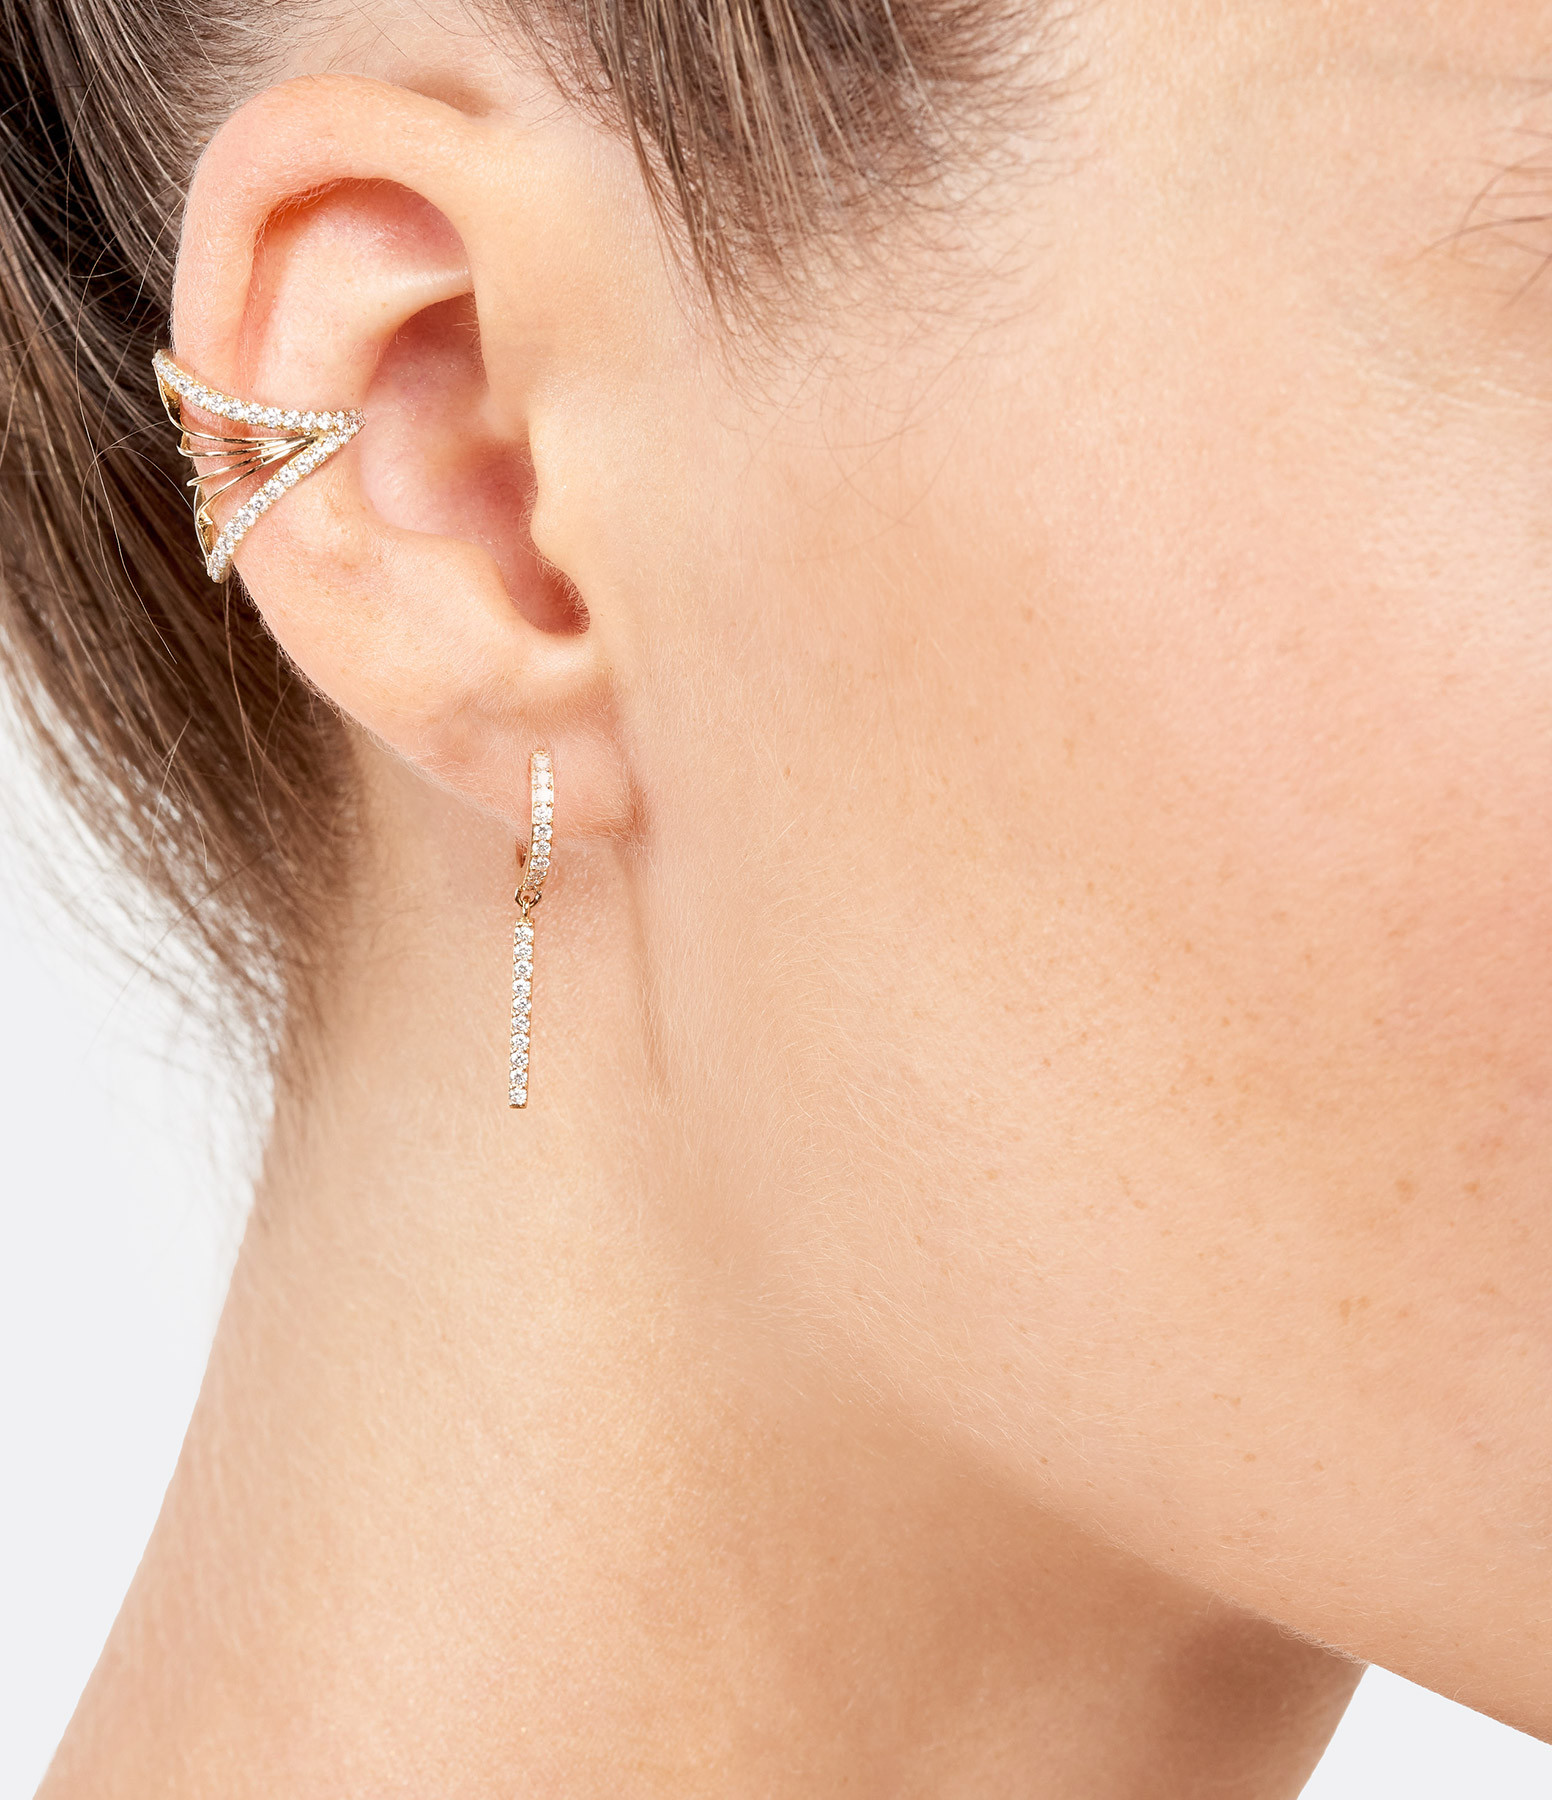 NAVA JOAILLERIE - Boucle d'oreille Hash Diamants Or Jaune (Vendue à l'unité)